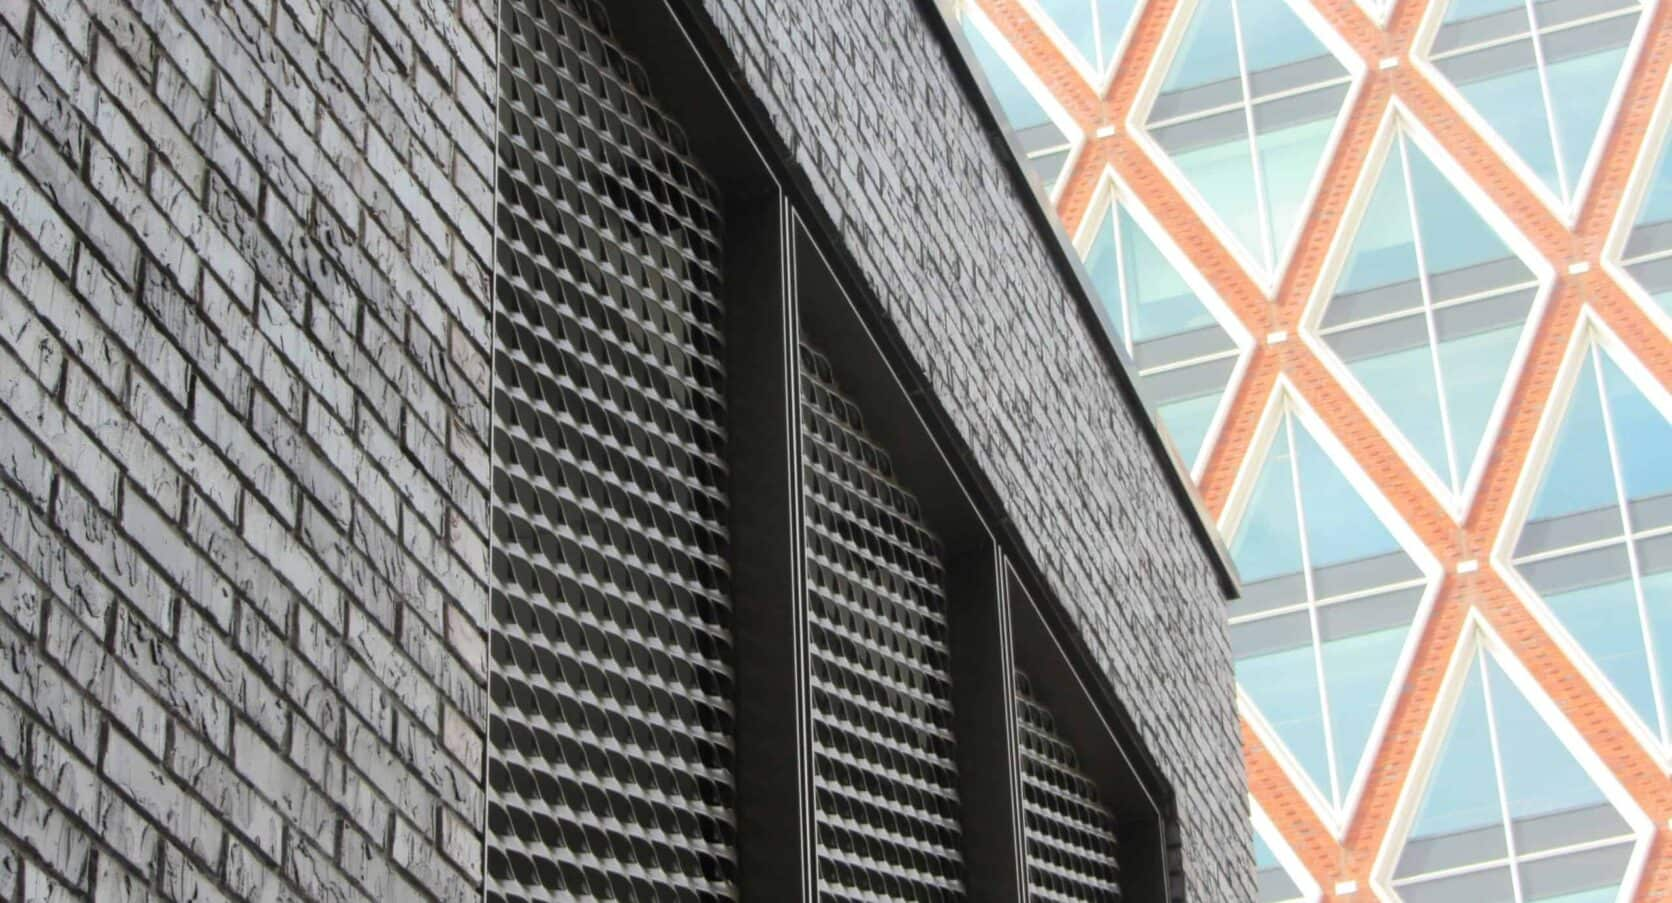 Details van de strekmetalen panelen van de toegangsdeuren van het Kantoor Technolution in Gouda